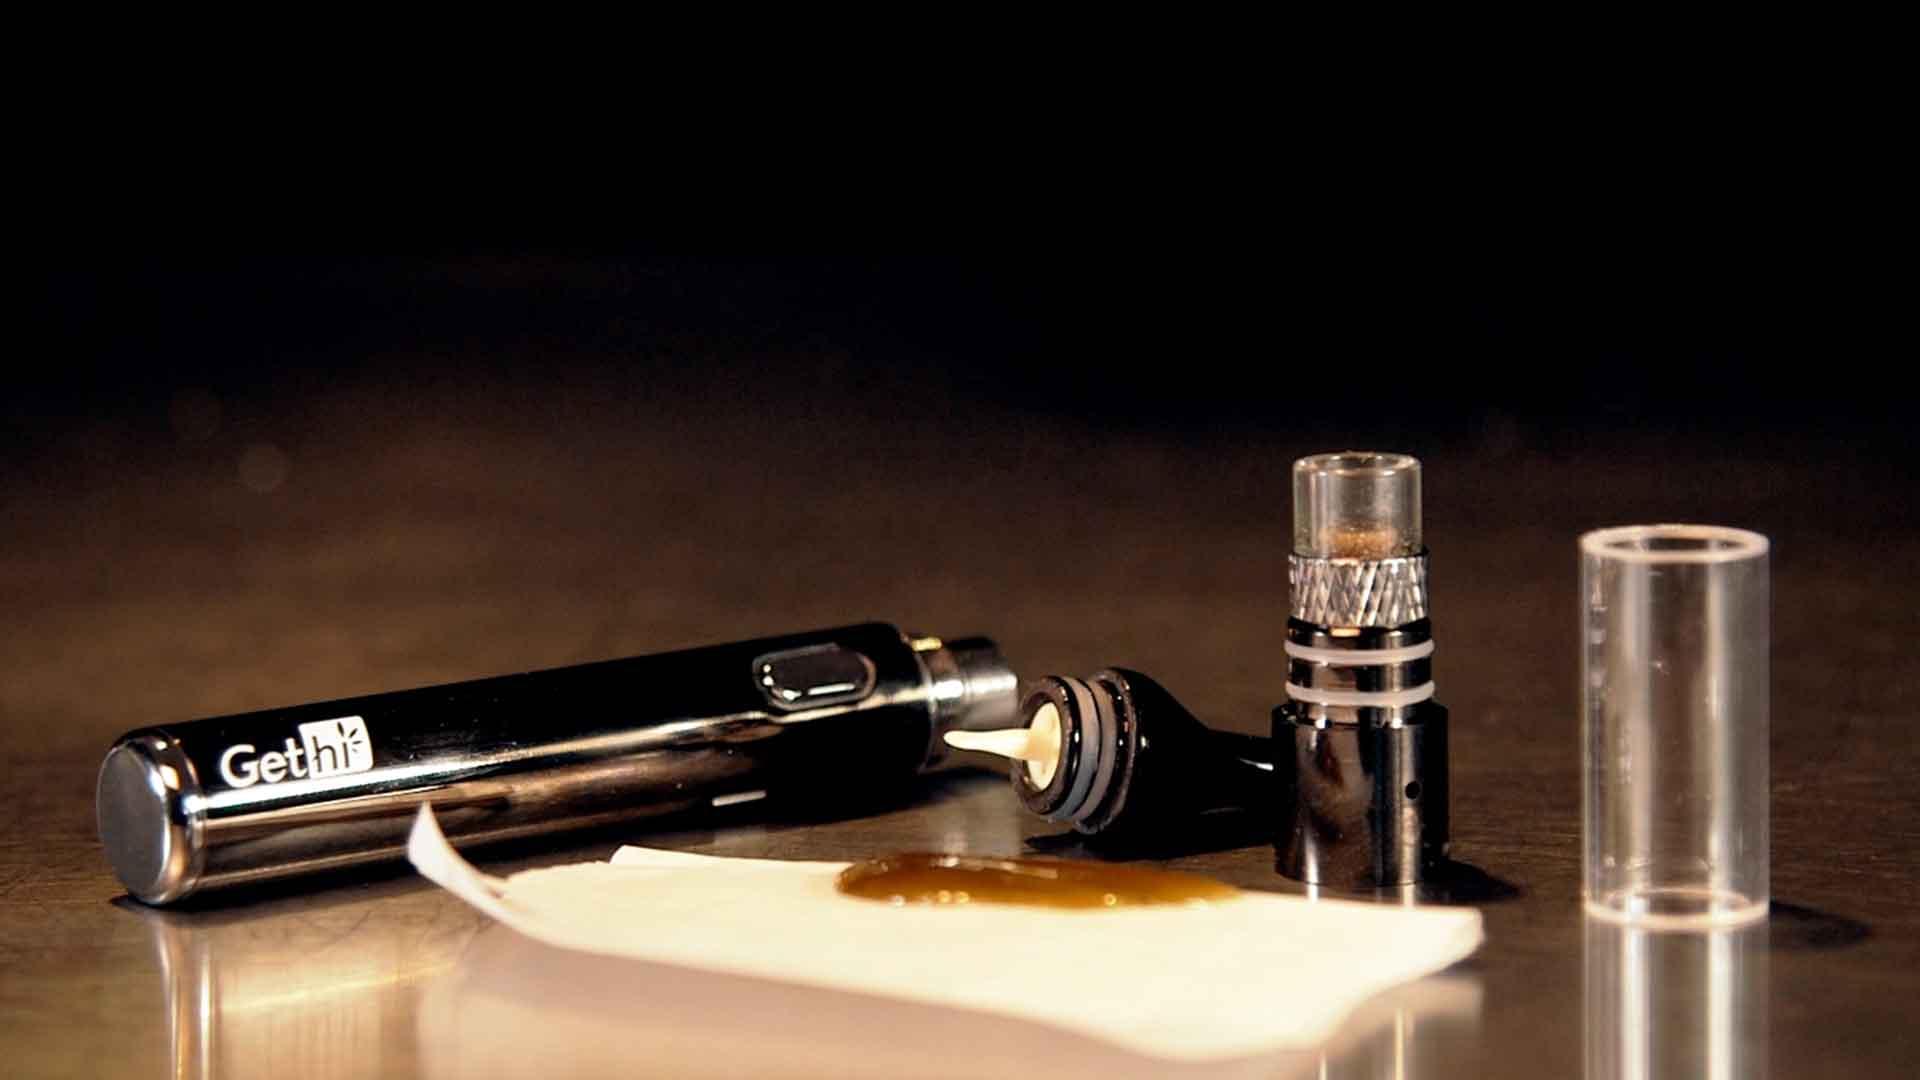 gethi-g6-vaporizer-review-thumbnail-3